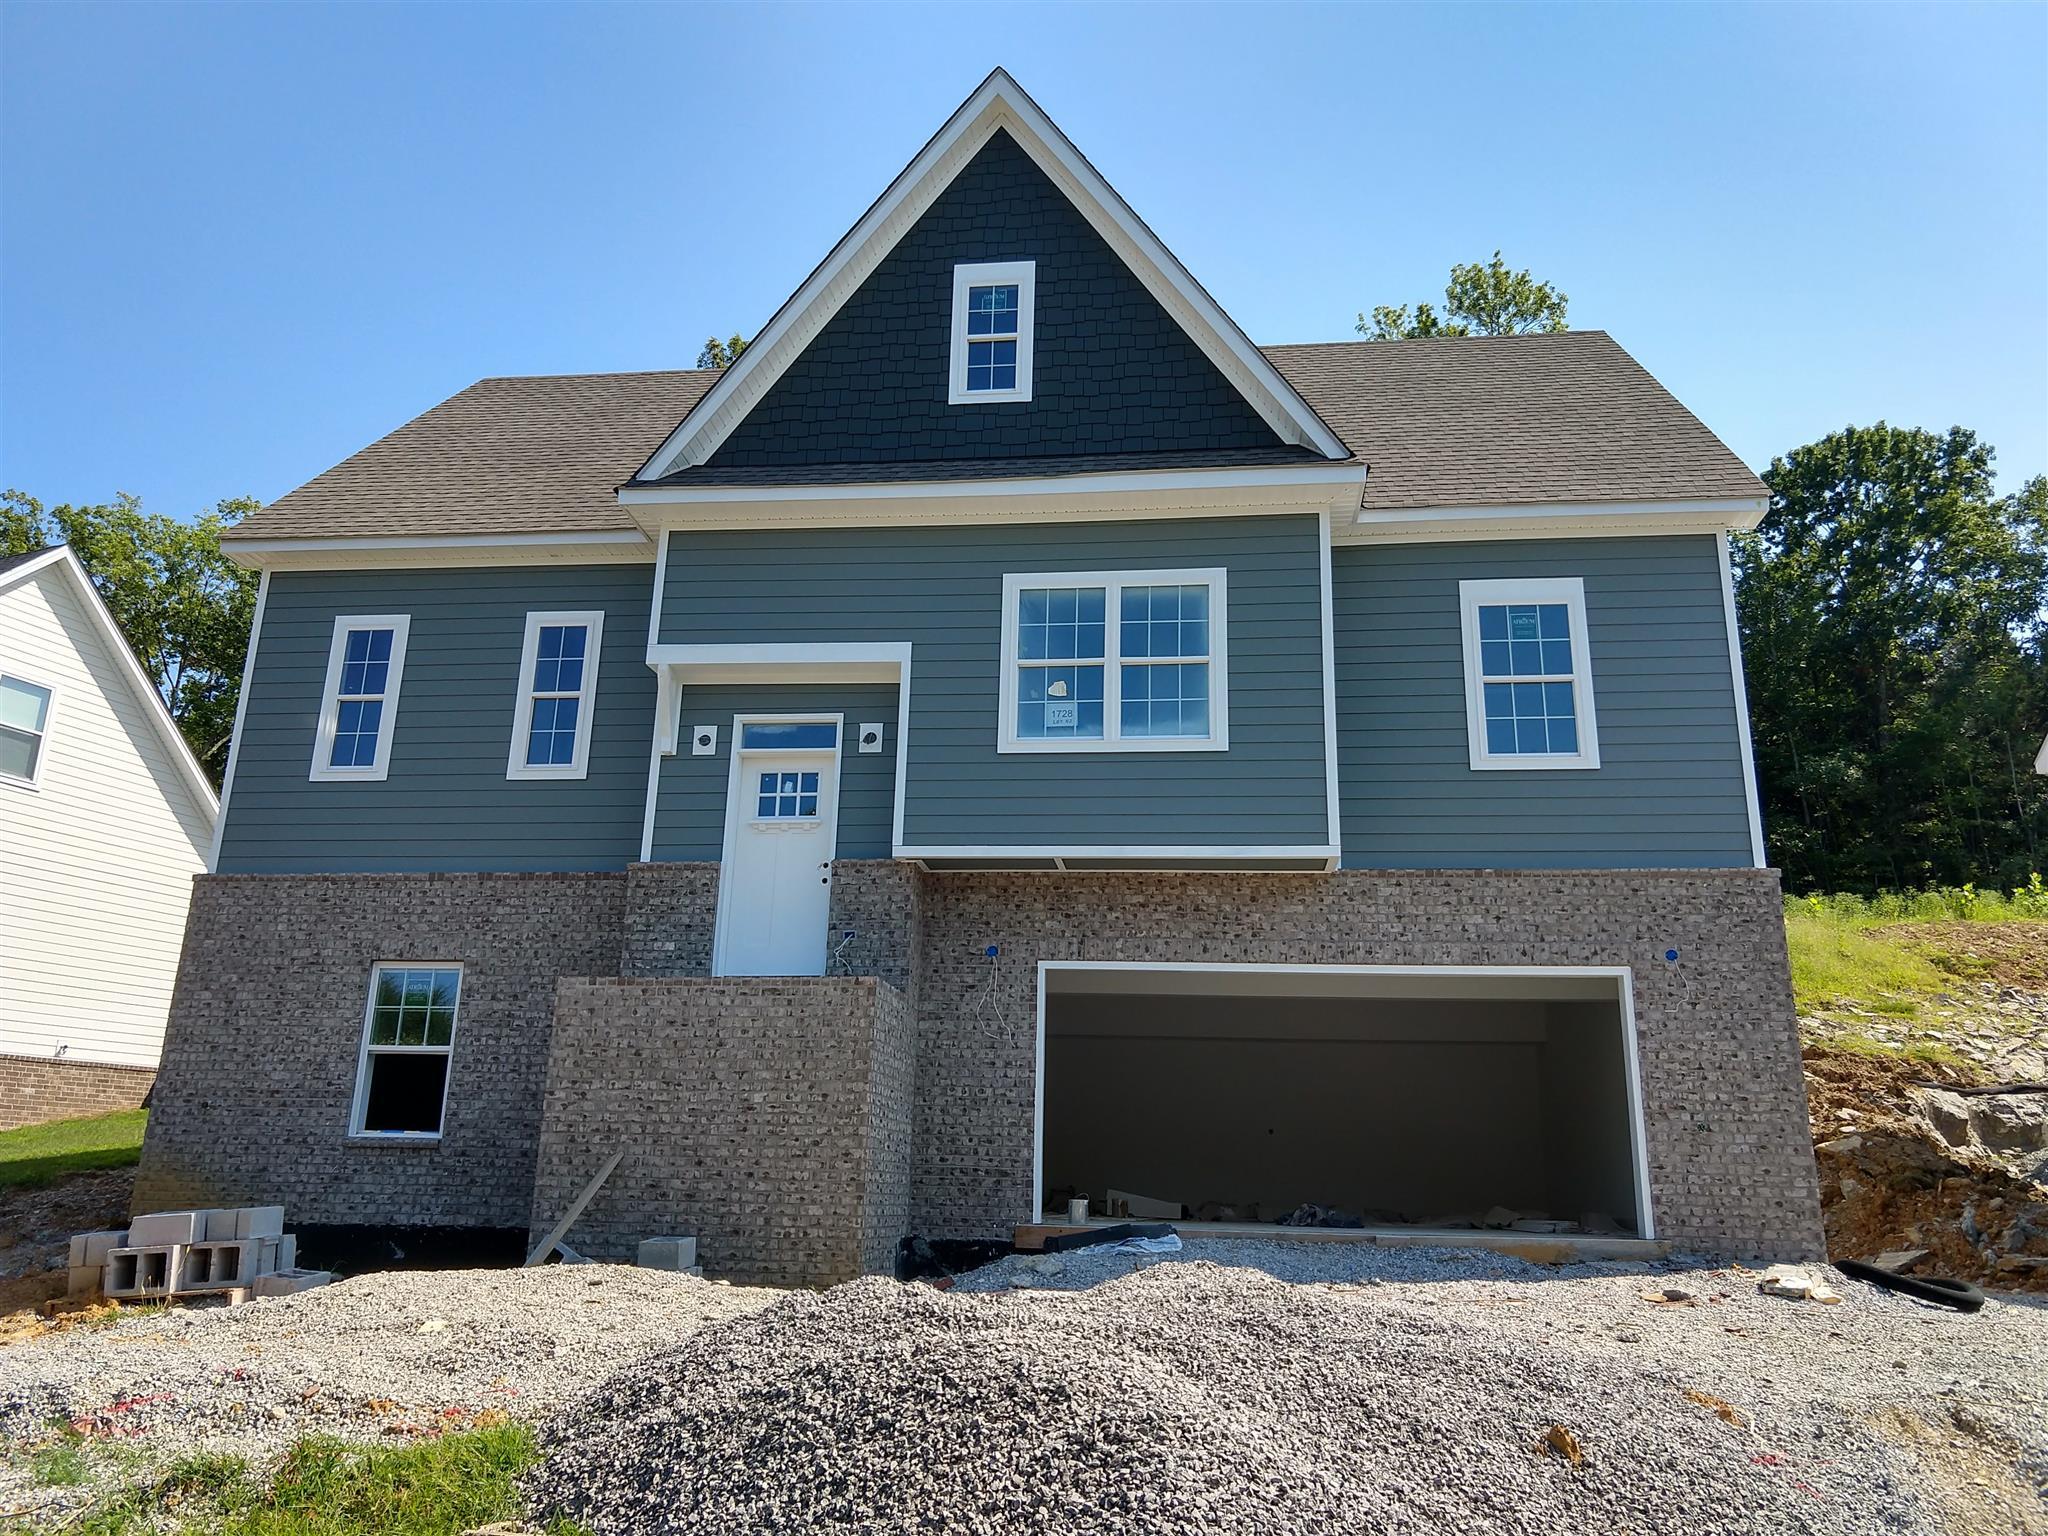 1728 Woodland Pointe Dr, Nashville, TN 37214 - Nashville, TN real estate listing